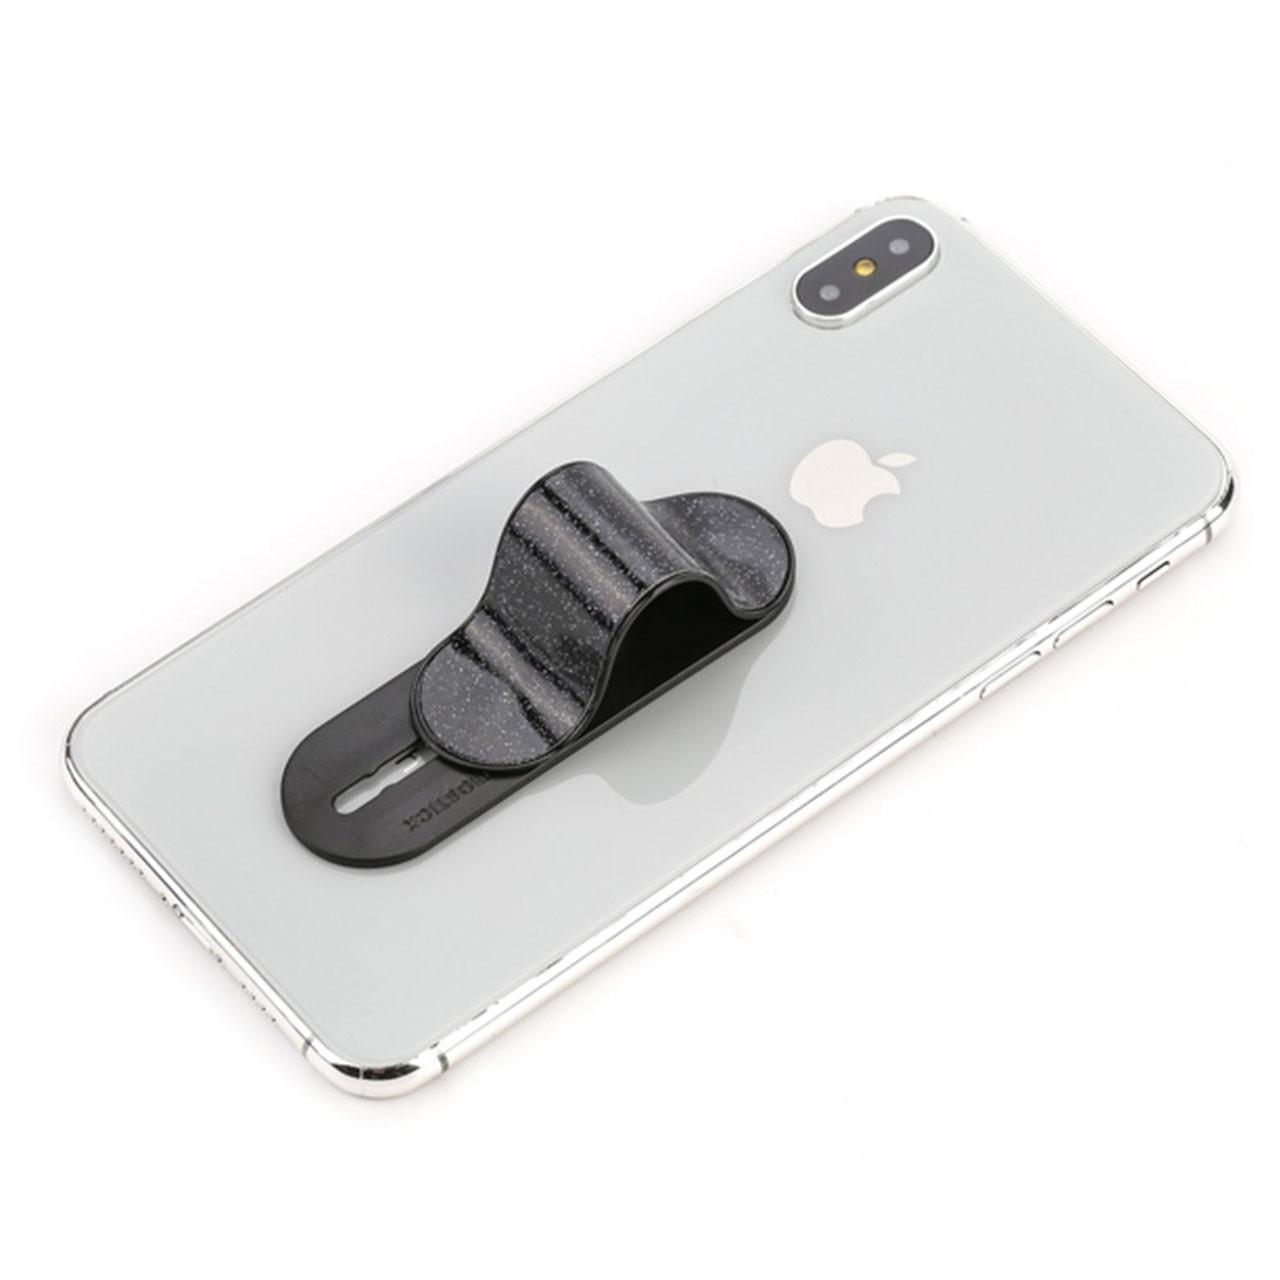 ◯Держатель для смартфона Momostick Pear (A-PE-02) Black гибкий сдвижной охват одним пальцем